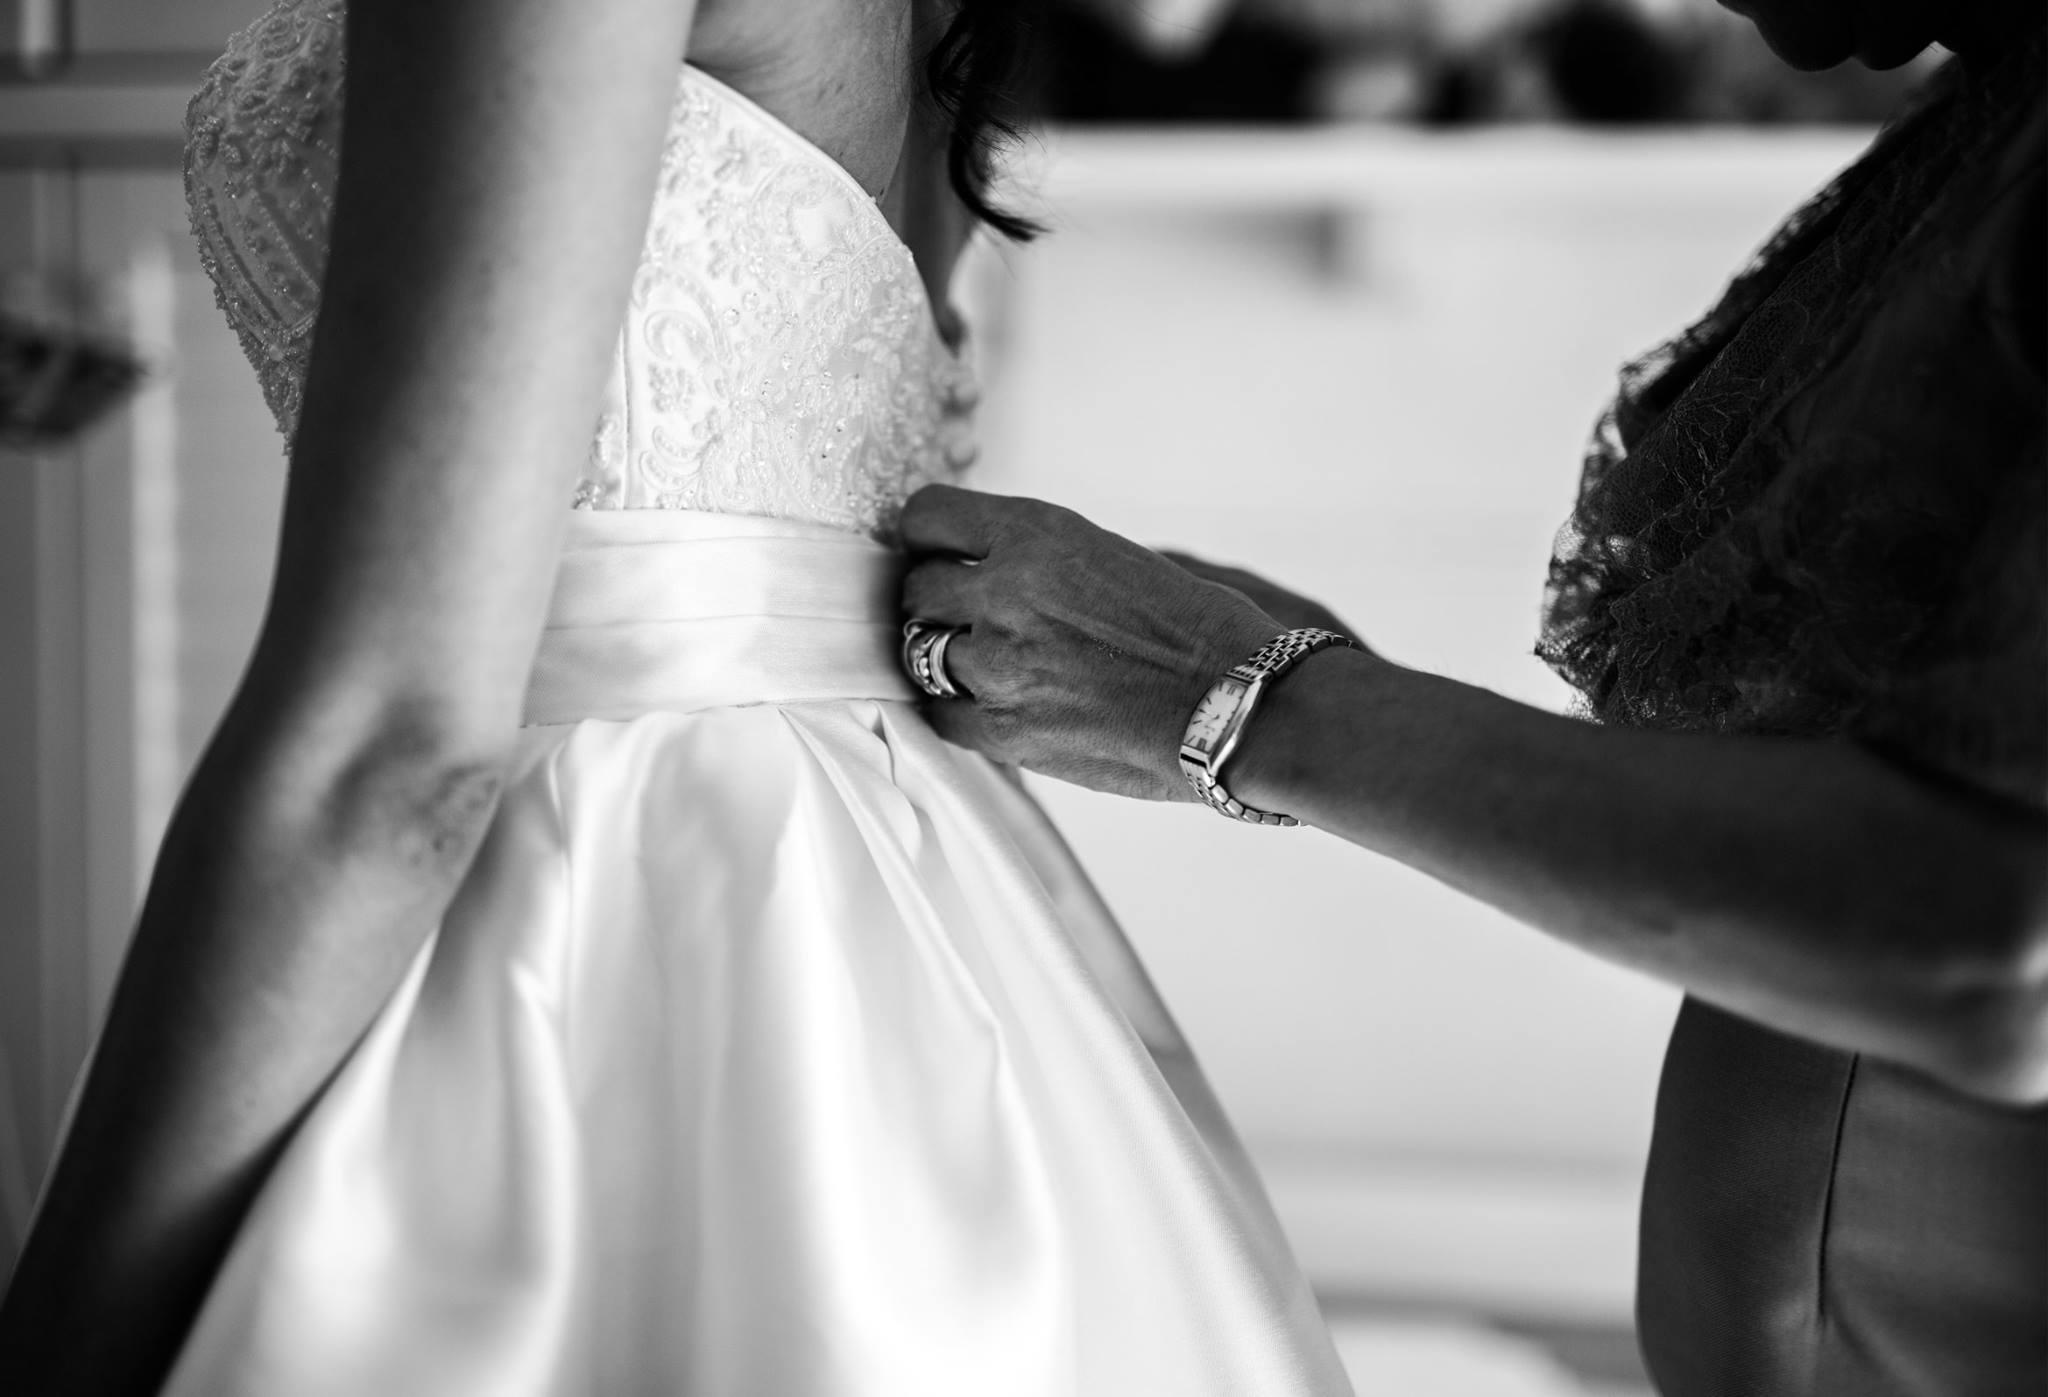 foto del vestito di matrimonio